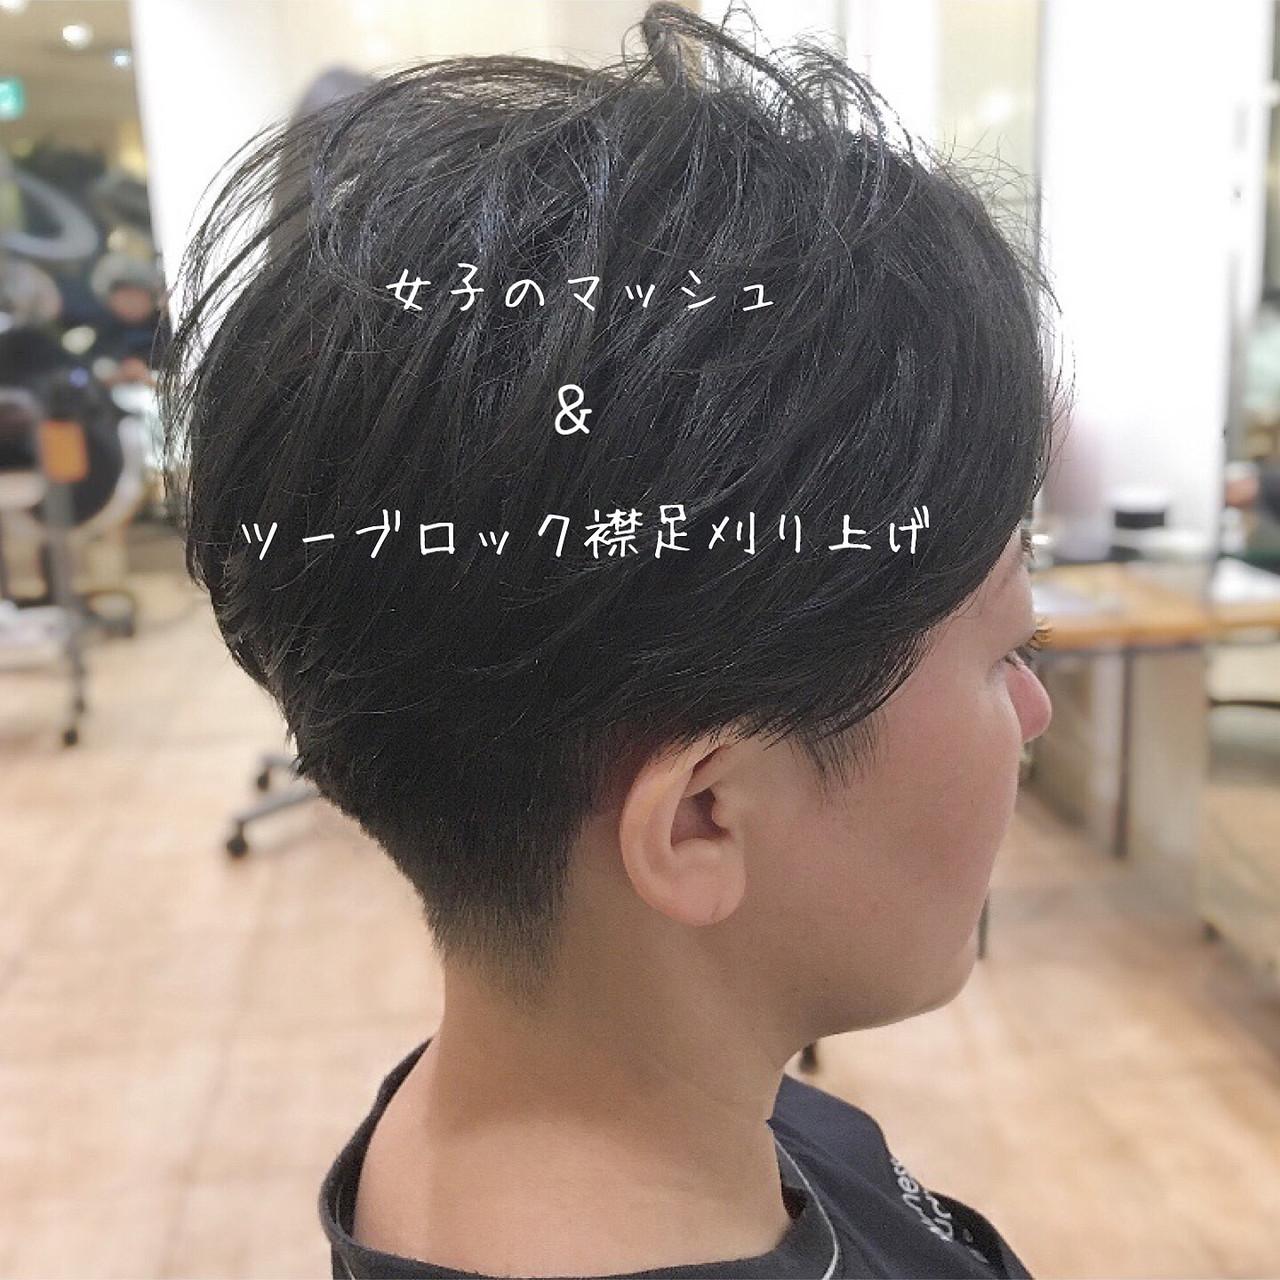 刈り上げ女子 ショートヘア マッシュ ショートヘアスタイルや髪型の写真・画像